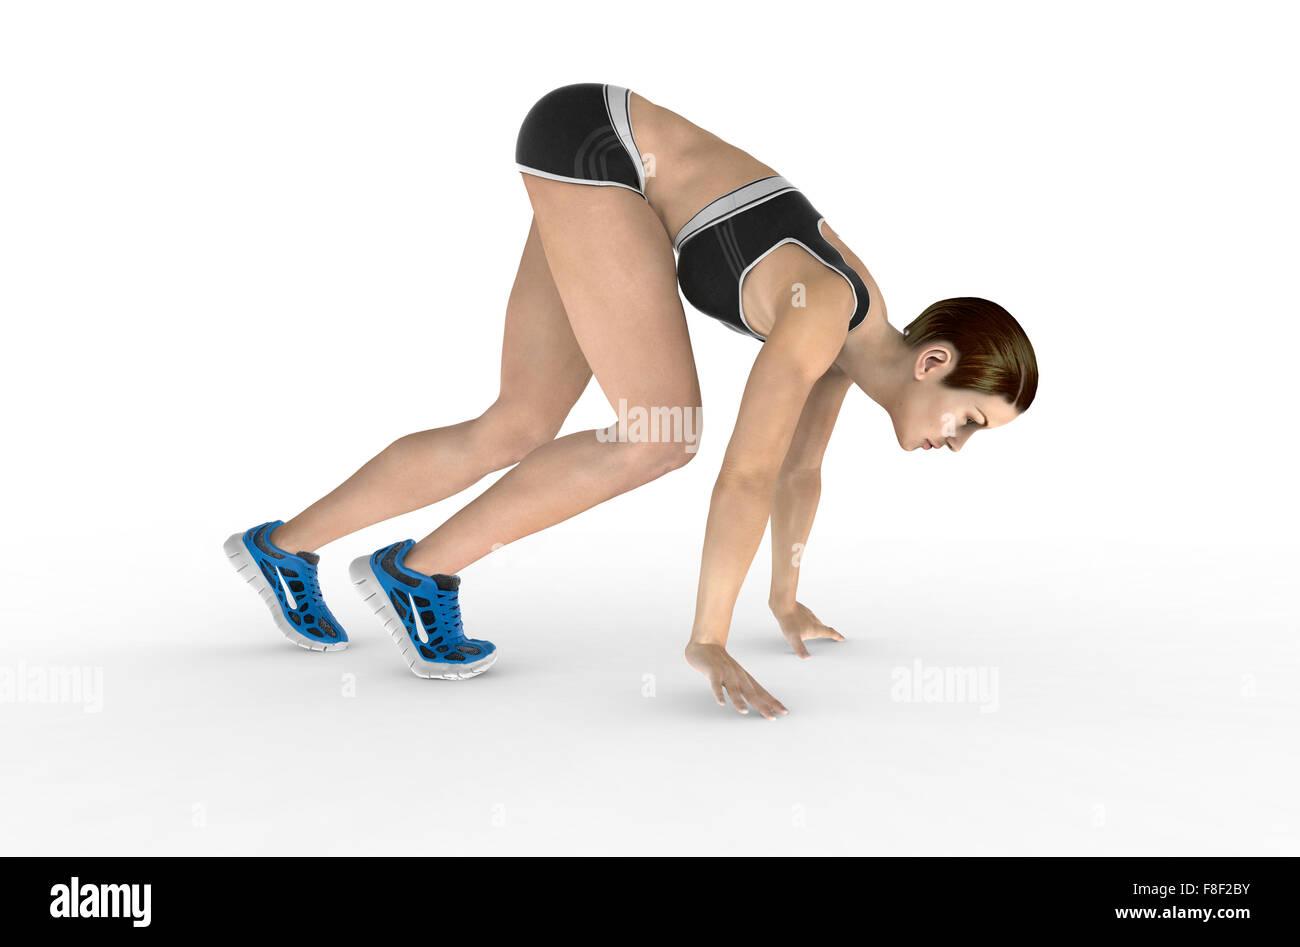 Athletic femme en position de départ accroupi prêt à commencer la course. Isolé sur fond blanc. Photo Stock